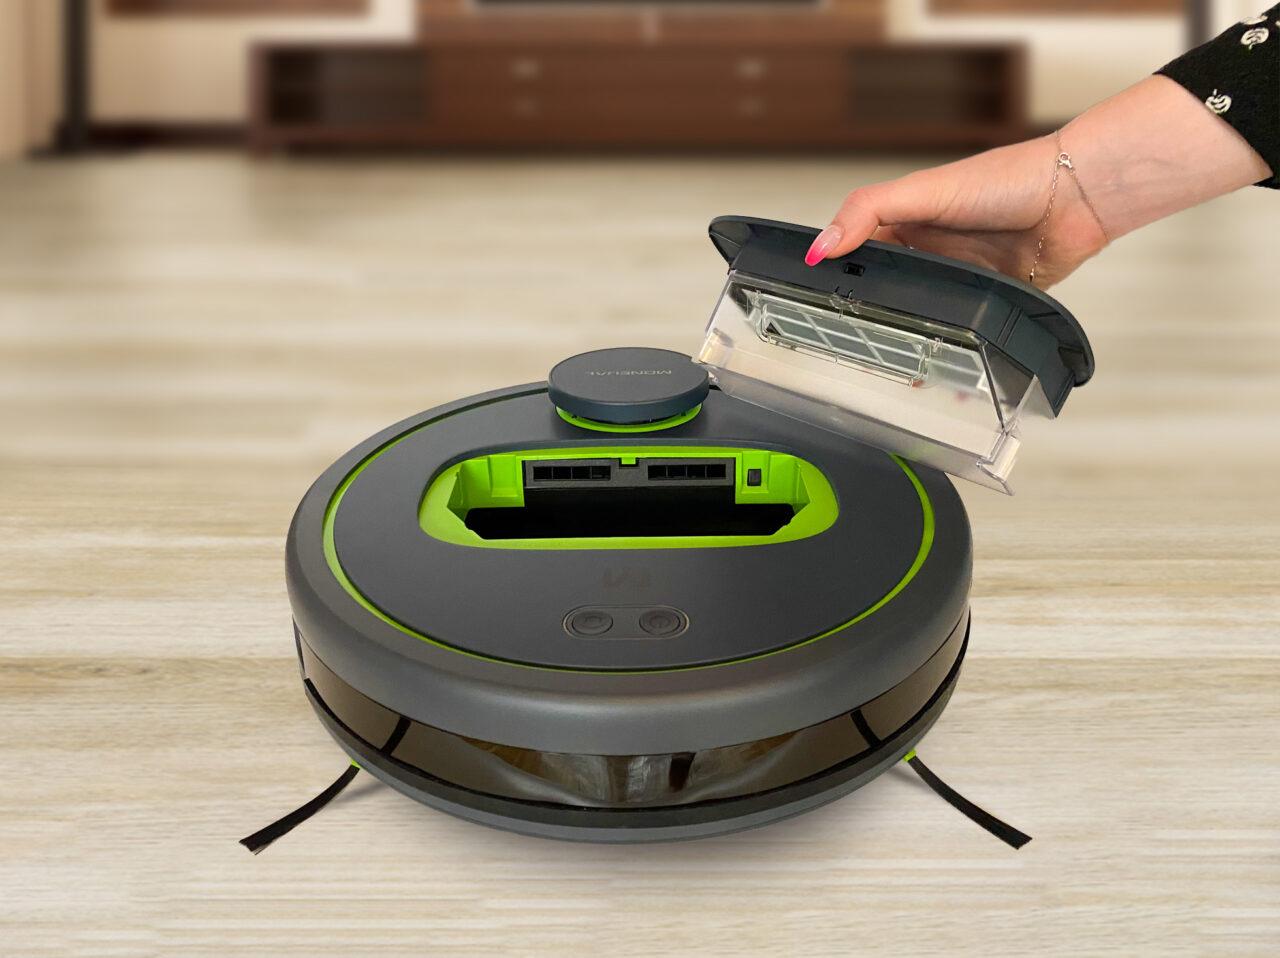 jak dbać o robota sprzątającego